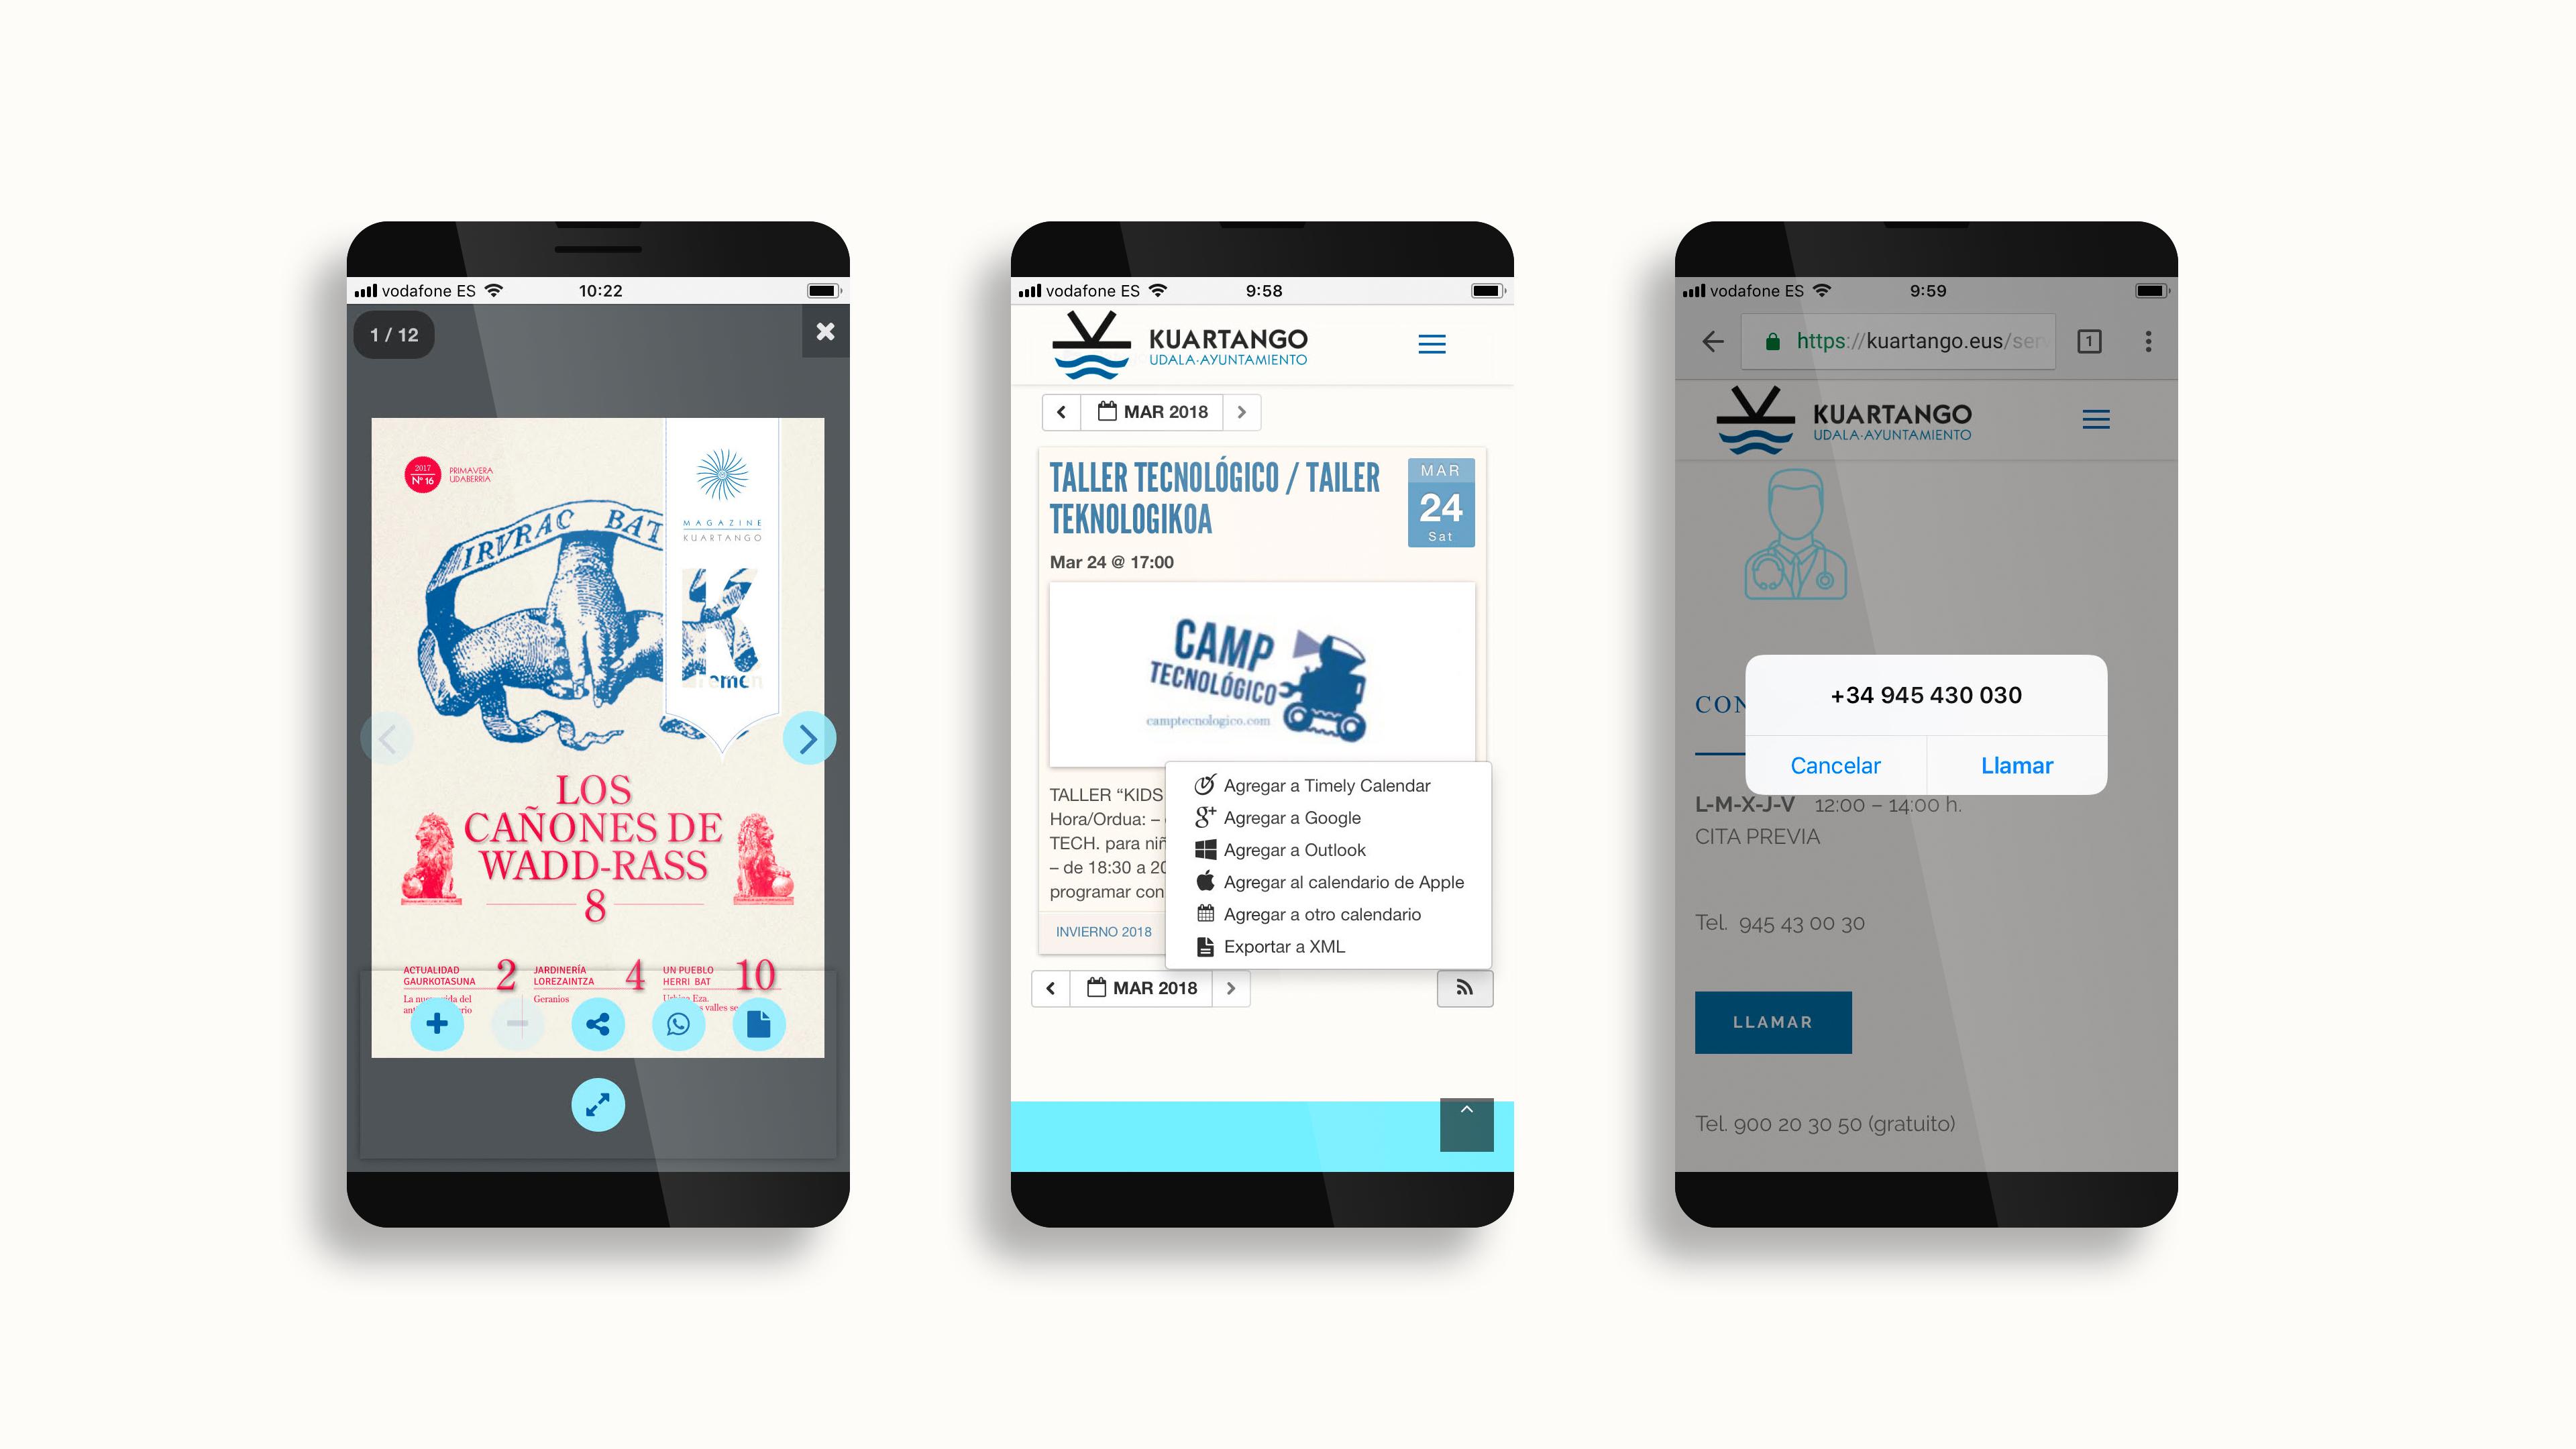 KUARTANGO_WEB_responsive_2